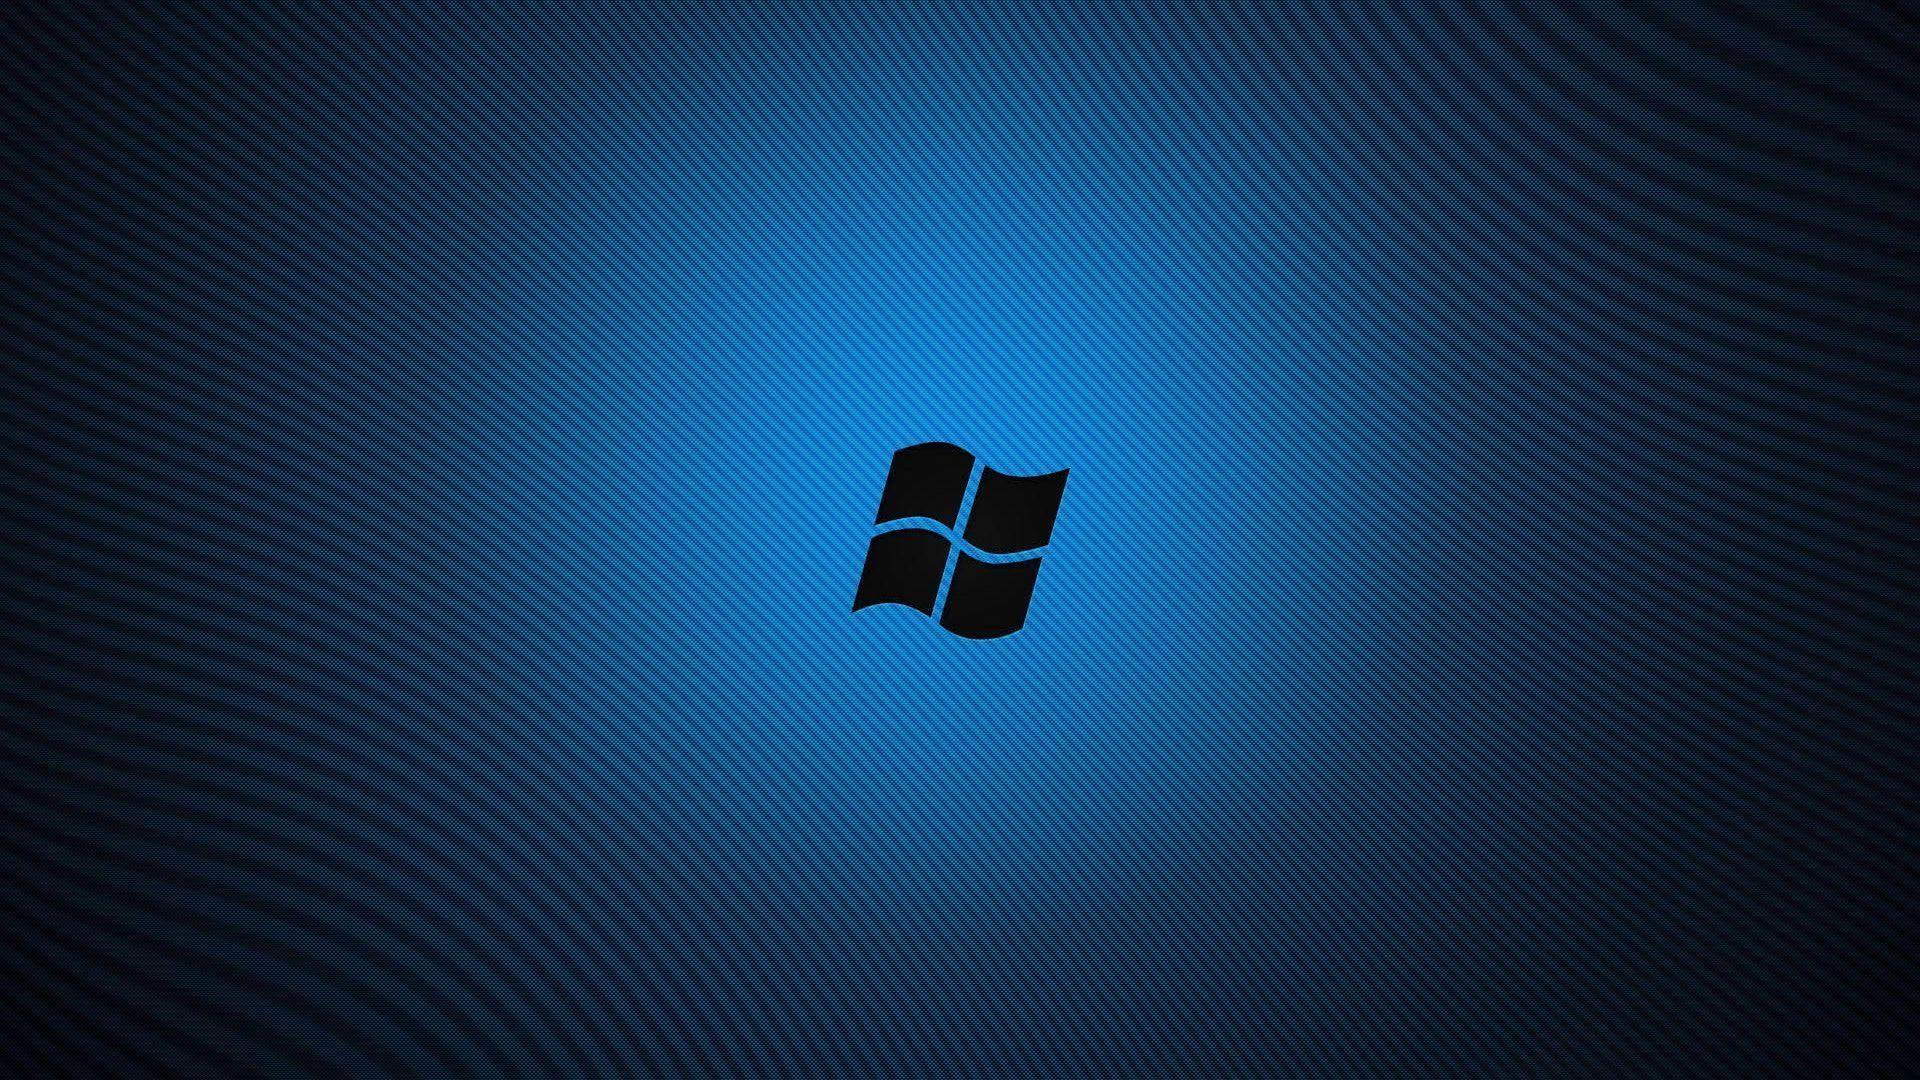 Windows 8 Blue Desktop Backgrounds | Widescreen Wallpapers| High .